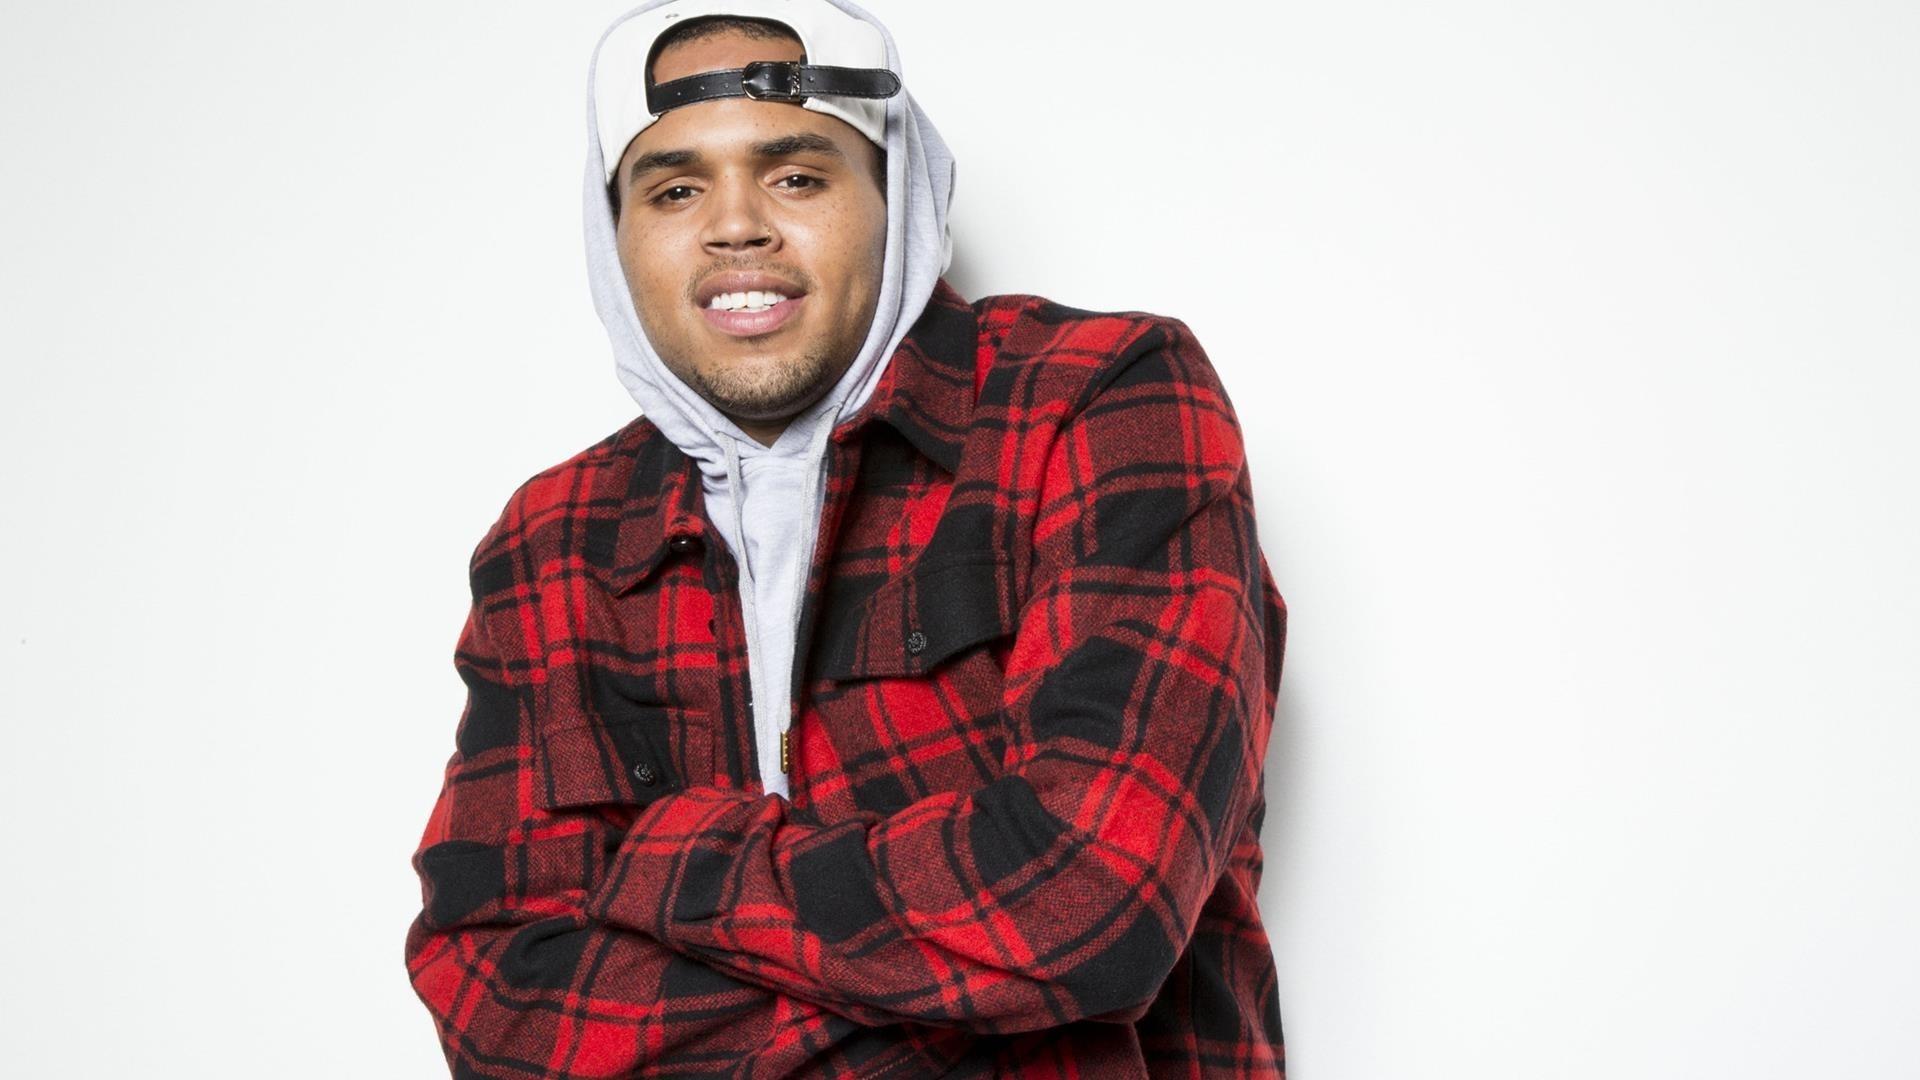 Chris Brown Download Wallpaper